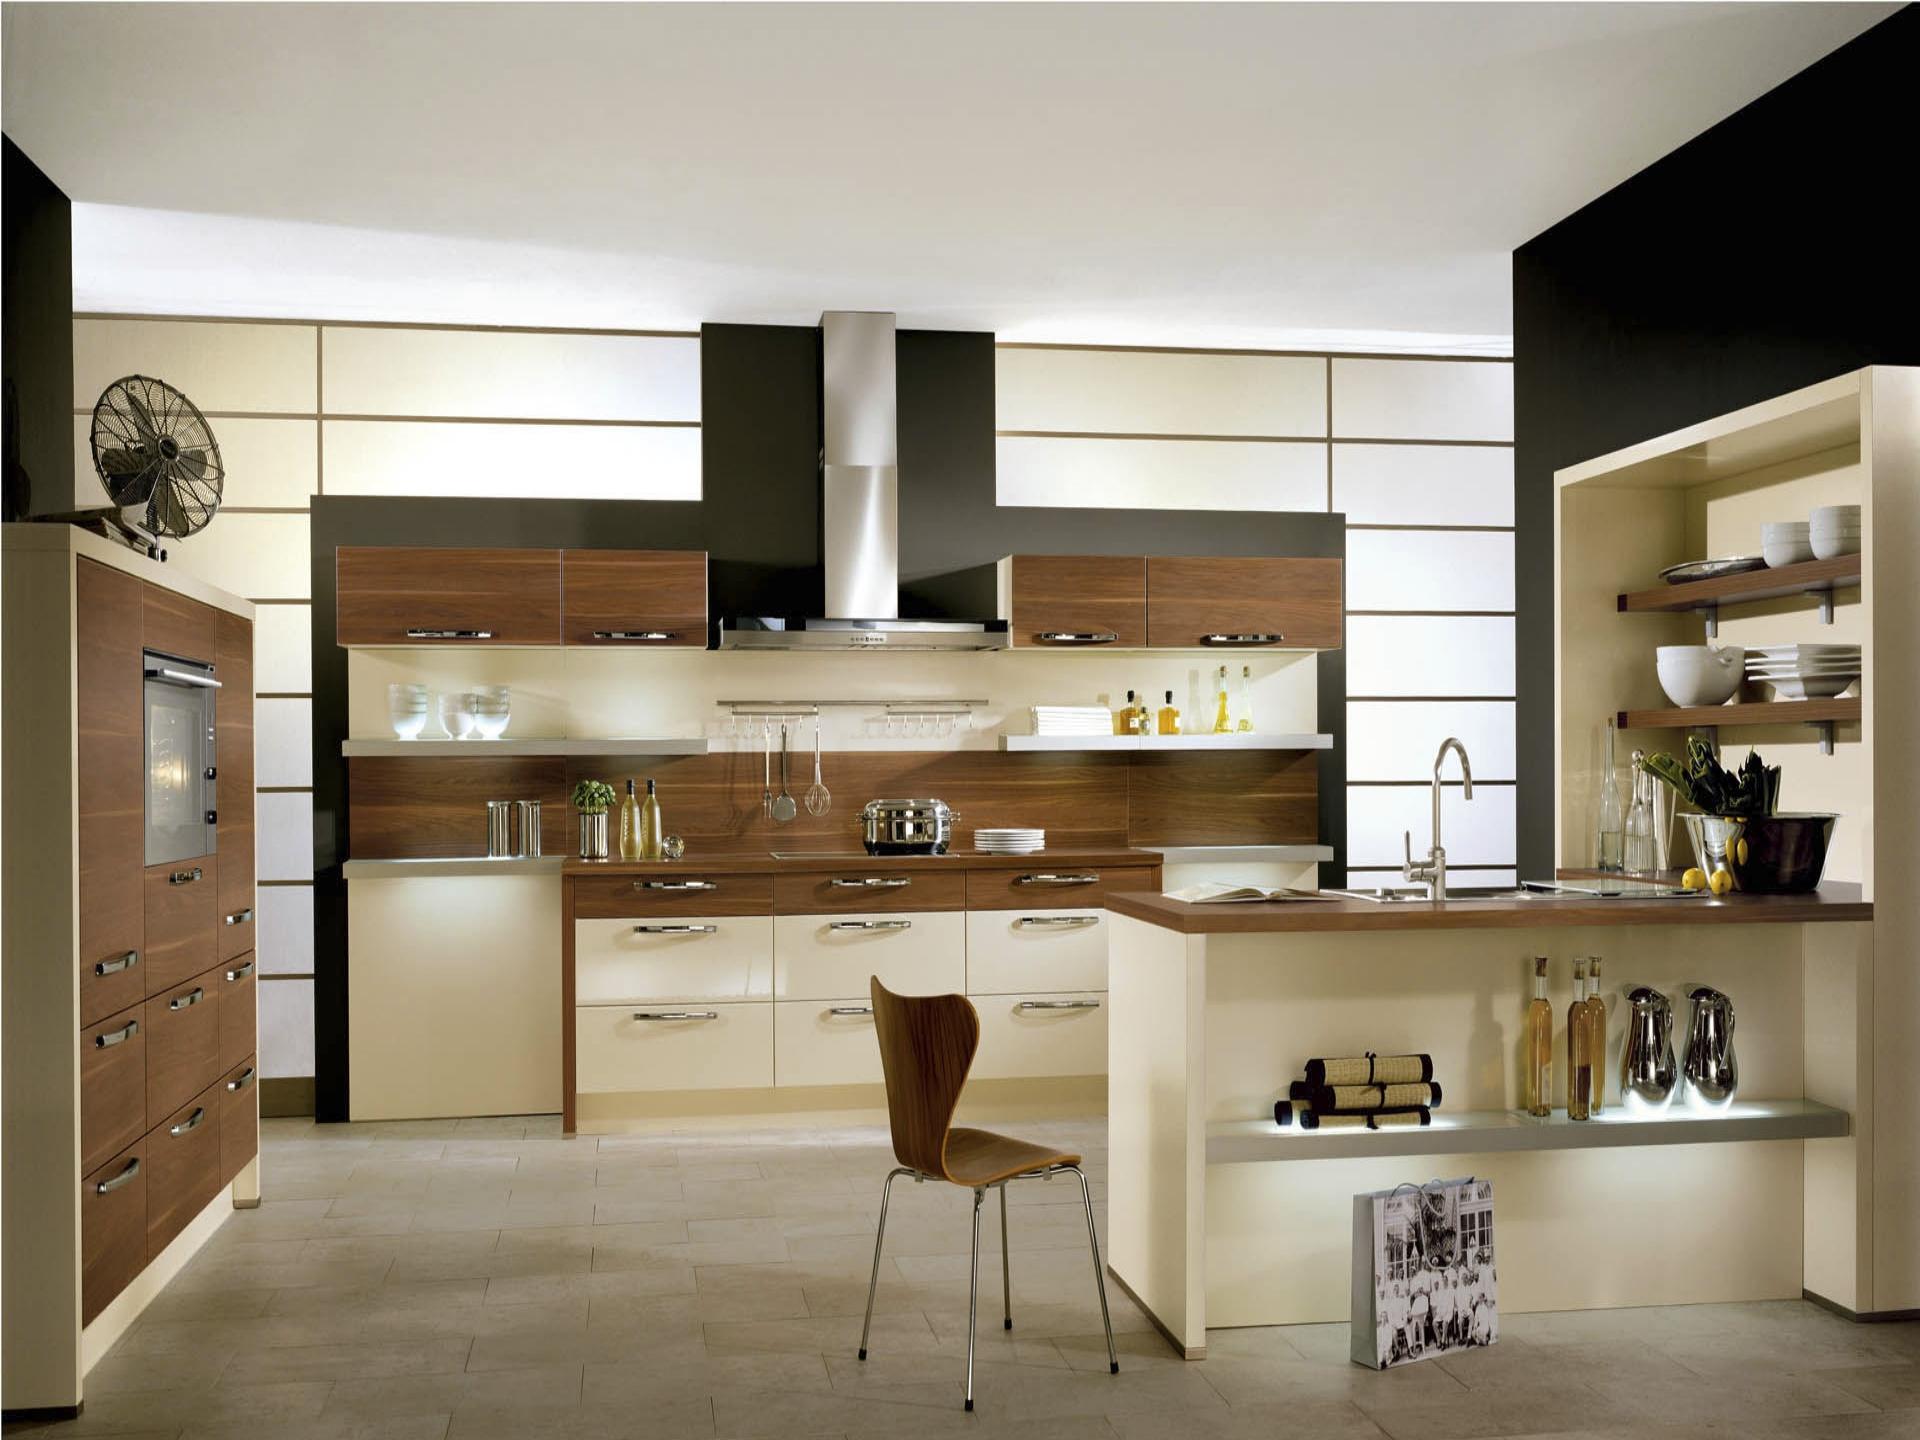 comment bien choisir sa cuisine entre zen et d co. Black Bedroom Furniture Sets. Home Design Ideas